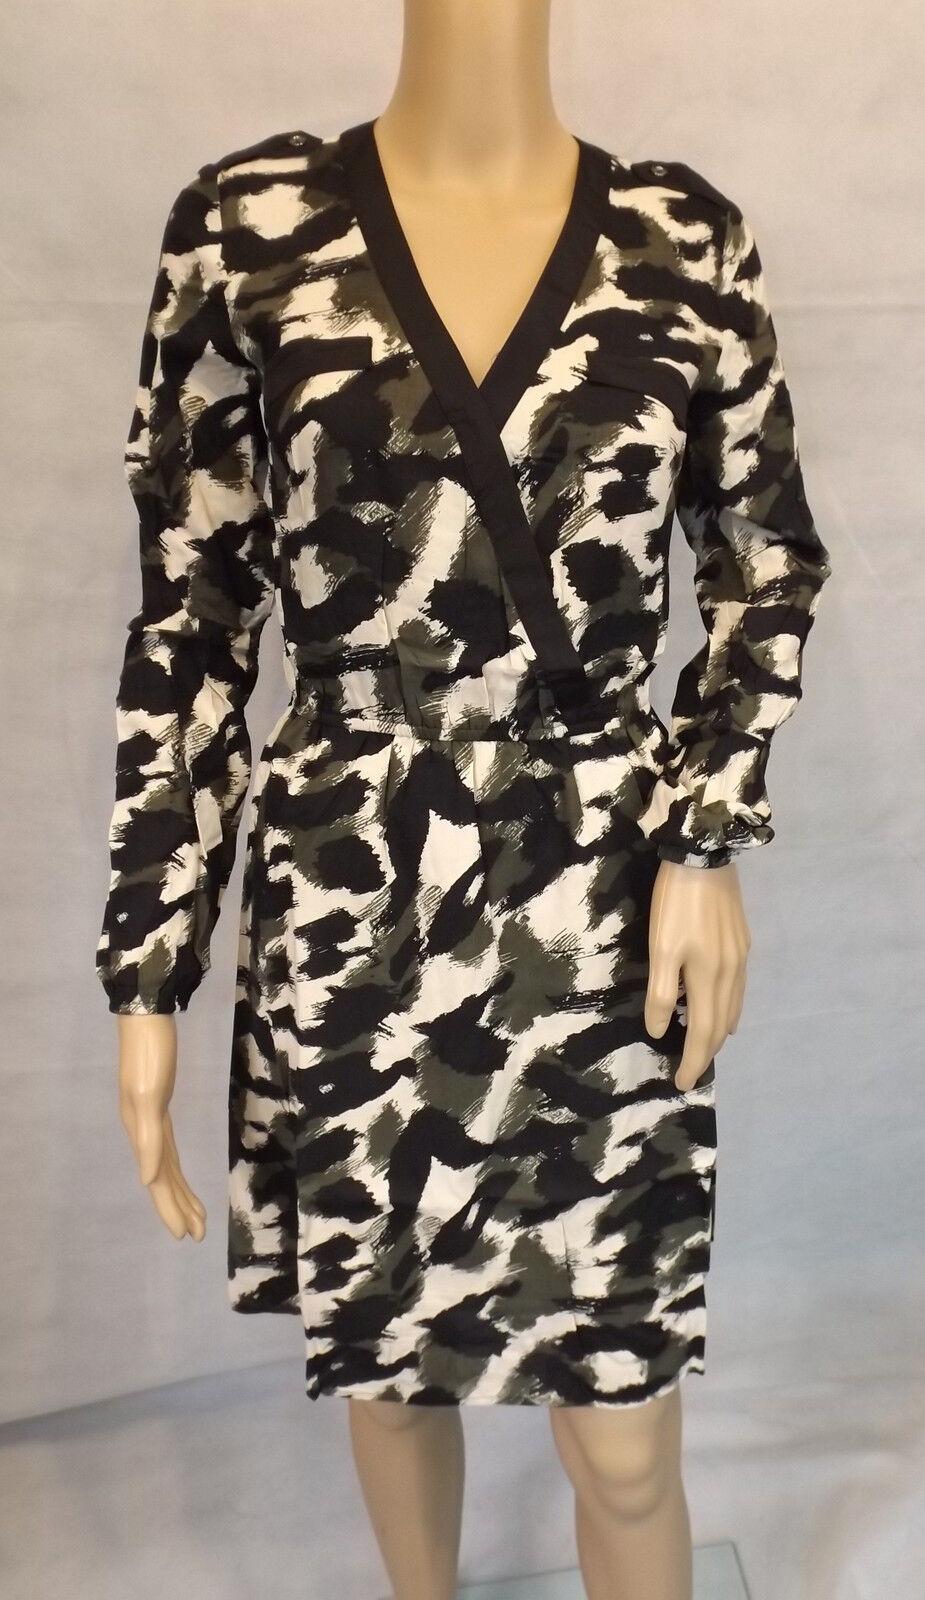 MANDARIN   38  Auffälliges Kleid langarm  Khaki weiss schwarz  Wickeloptik